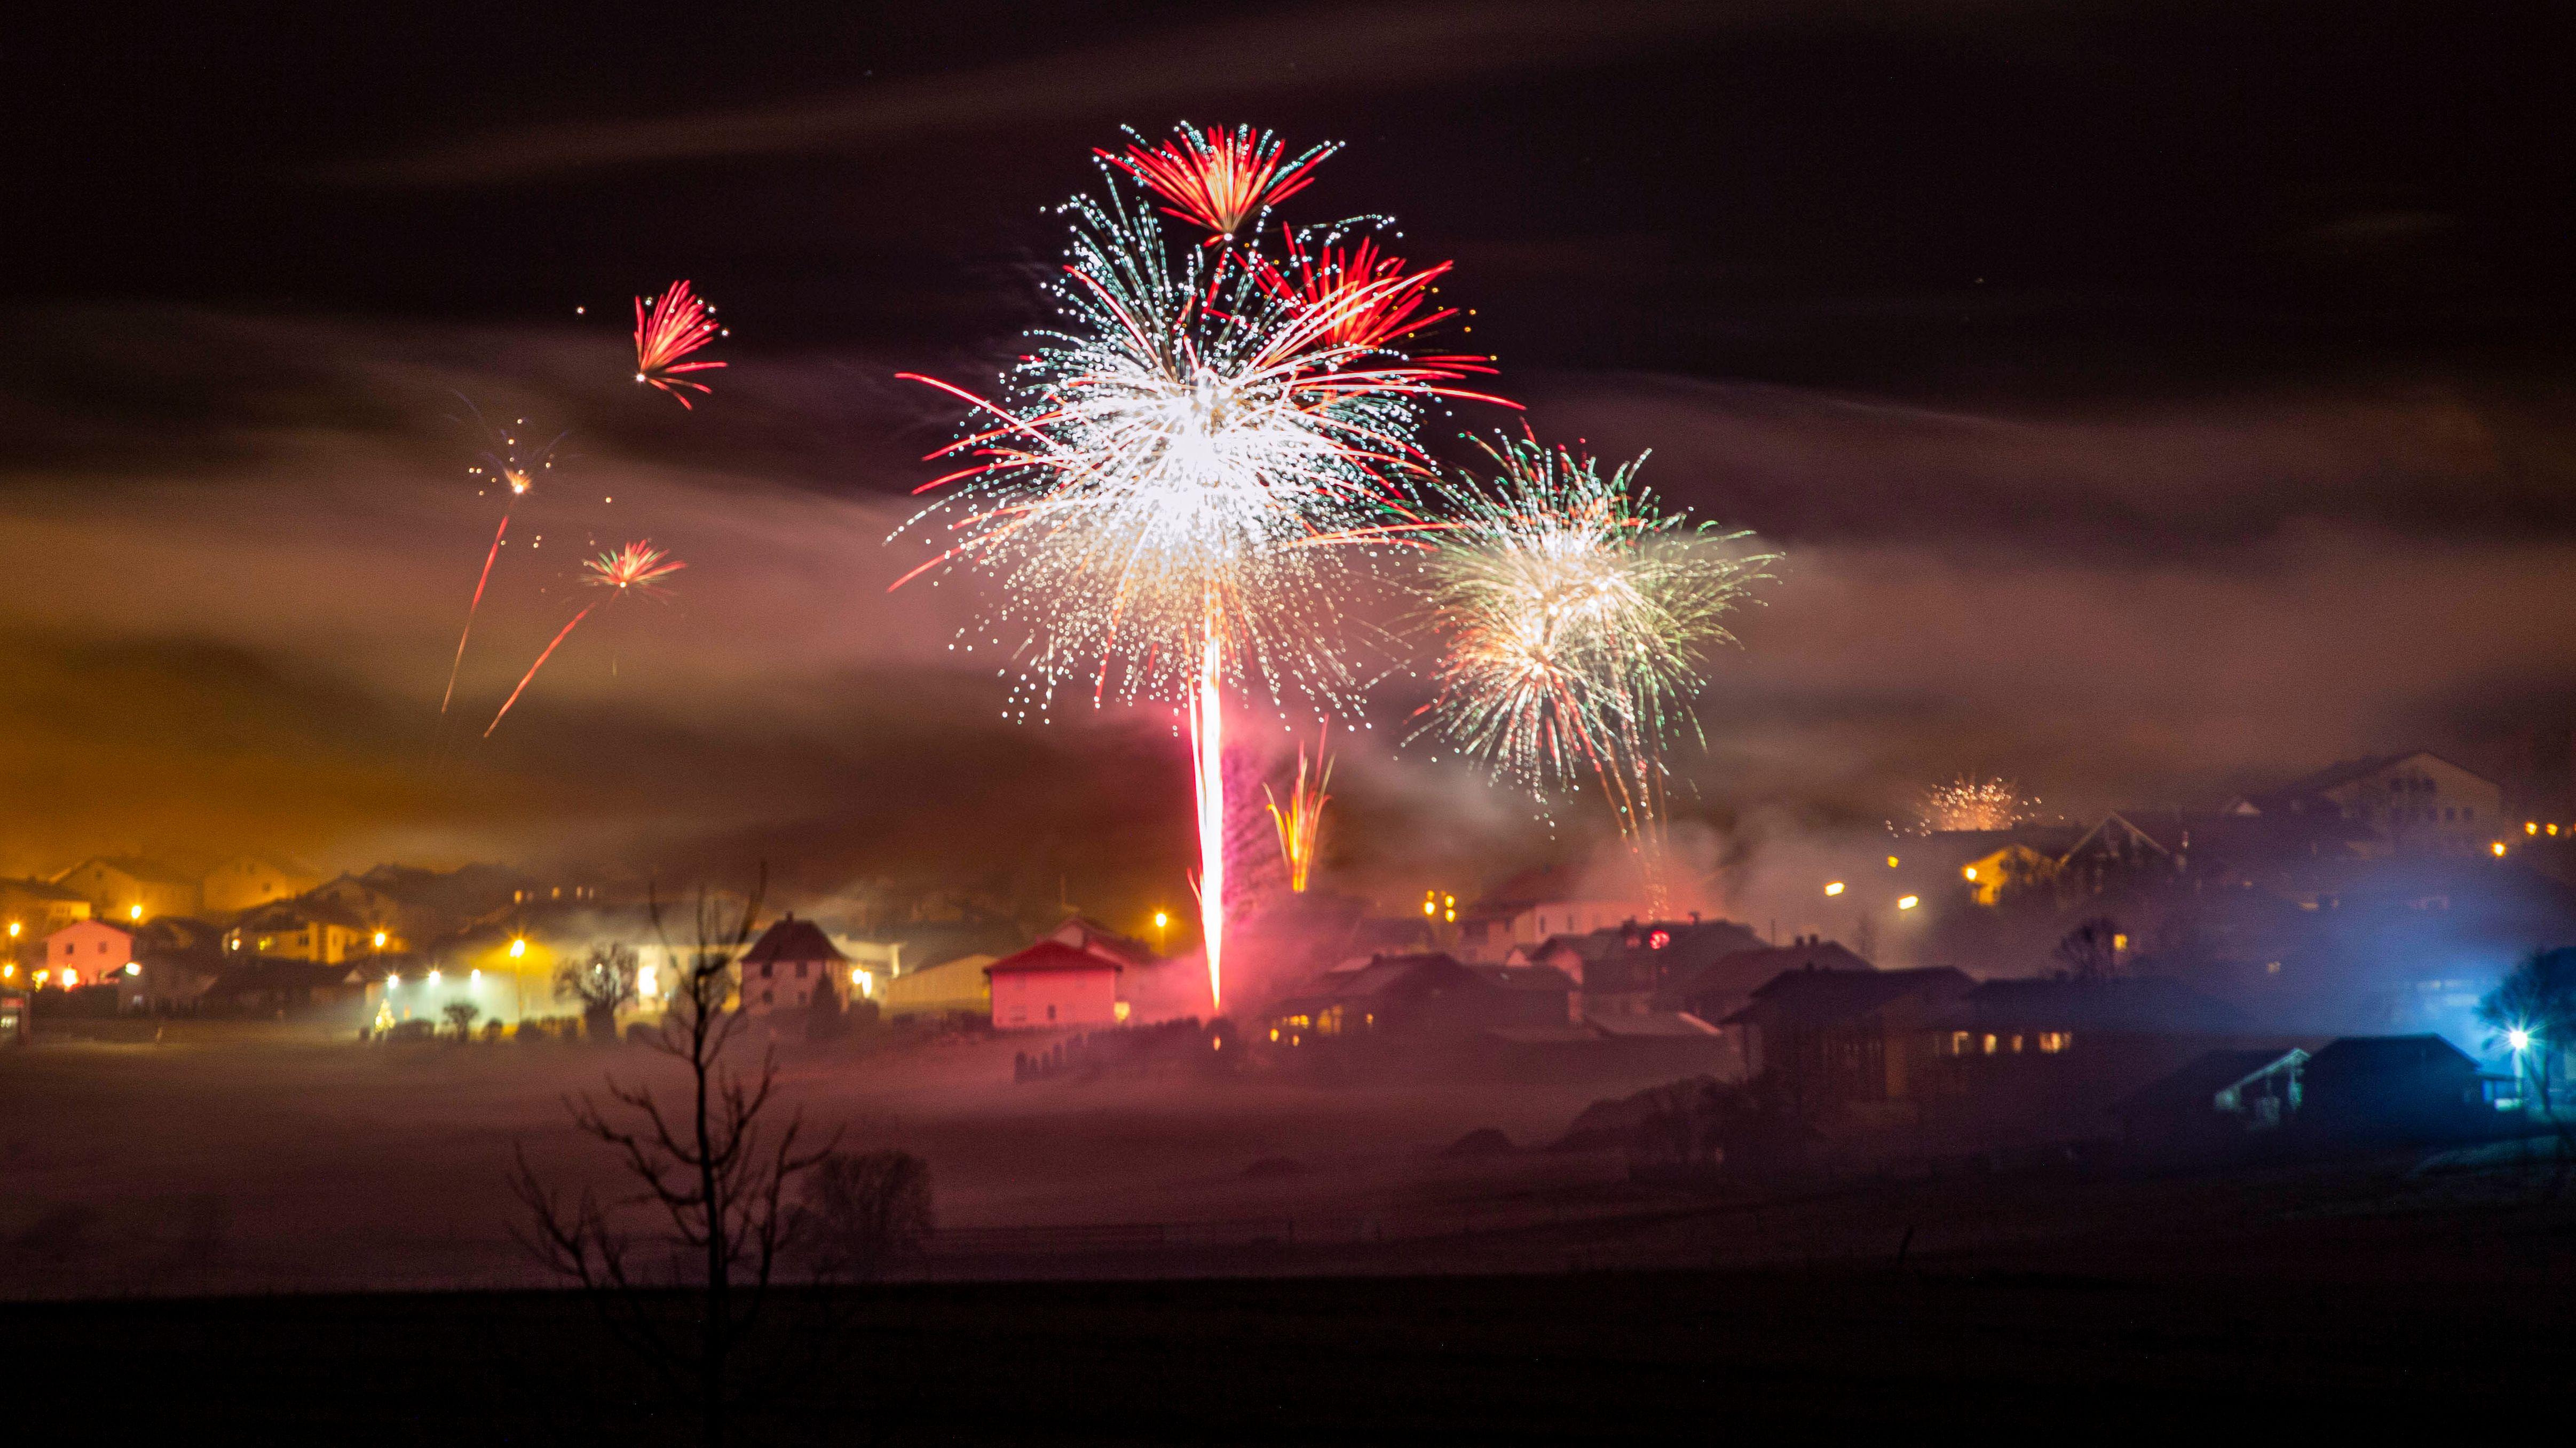 Feuerwerk über Kirchberg im Bayerischen Wald: Polizei und Feuerwehr in Ostbayern wurden in der Silvesternacht zu zahlreichen Einsätzen gerufen.